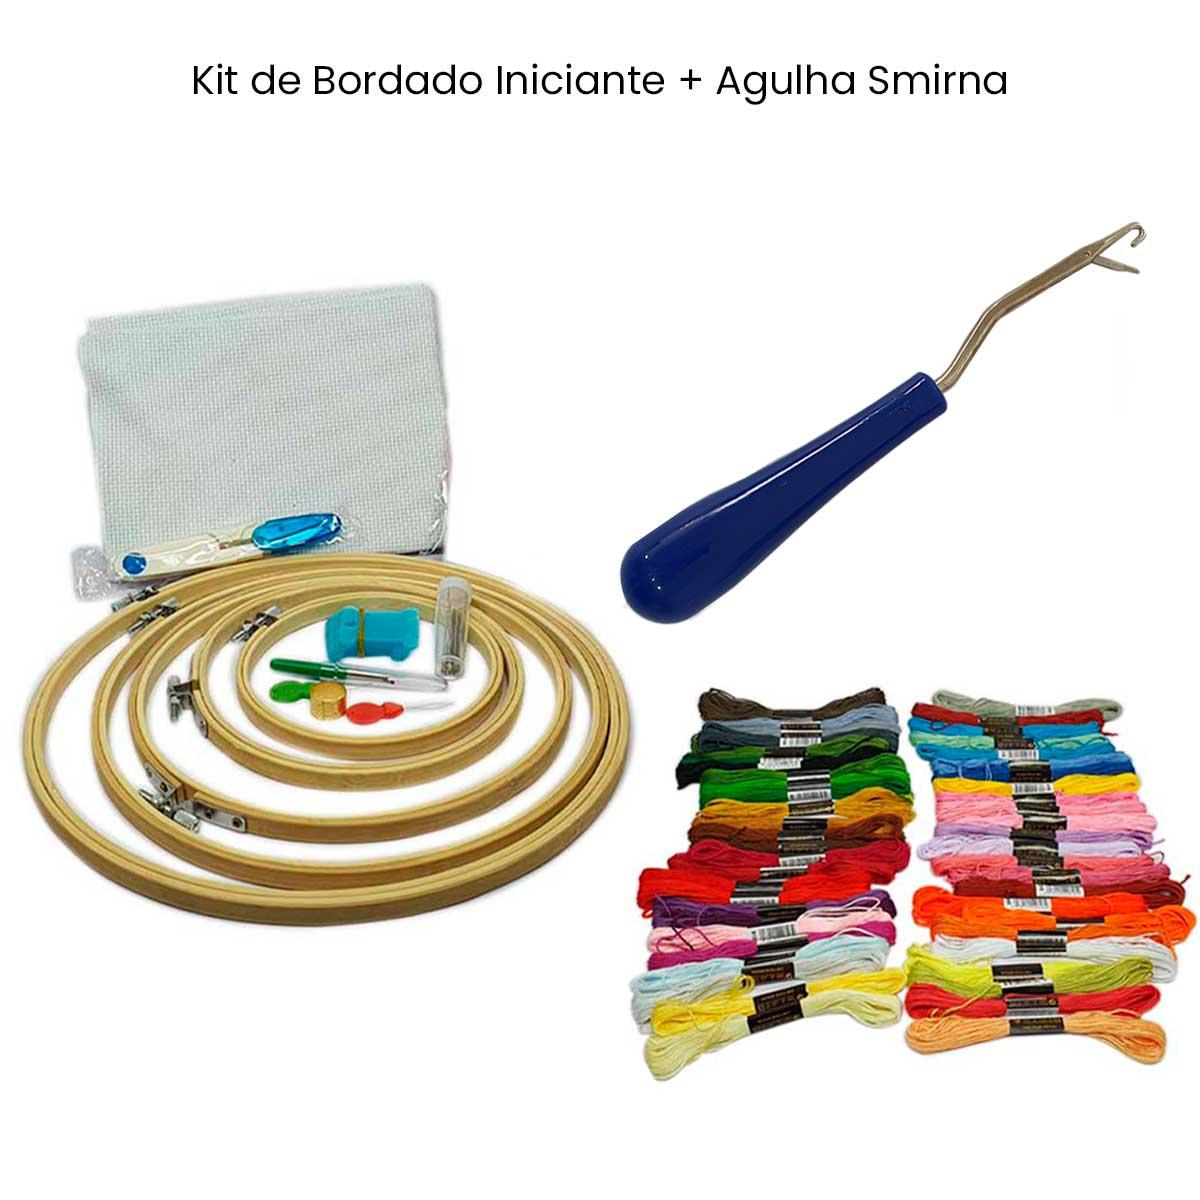 Kit Iniciante Bordado + Agulha Smirna  - Pavvia Agulhas e Peças